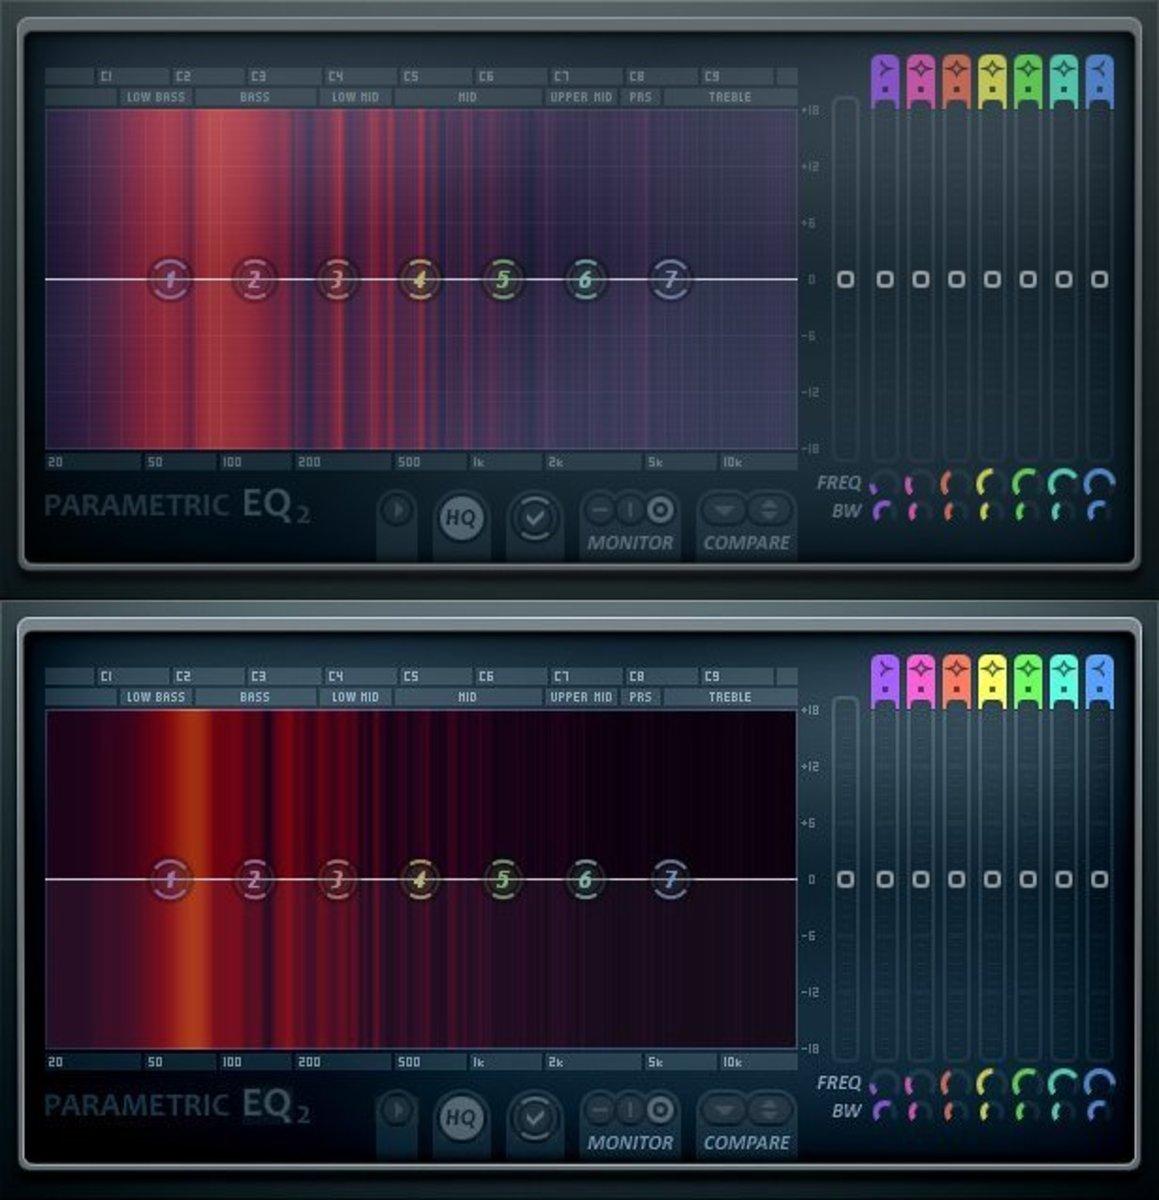 fl_studio_parametric_eq2_mod